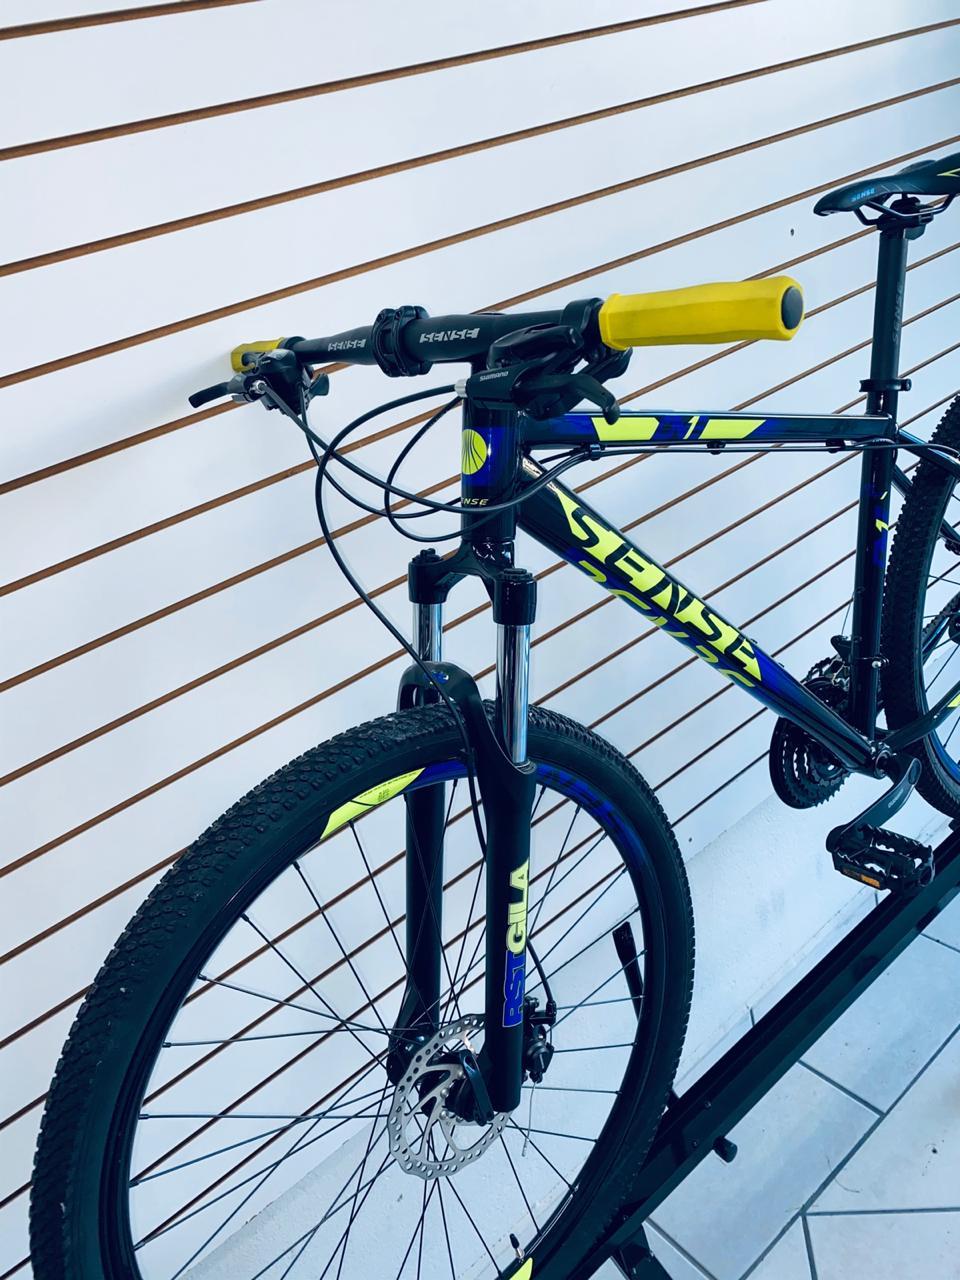 BICICLETA 29 SENSE ONE 21V TOURNEY TAM. 19 PRETO/AMARELO/AZUL